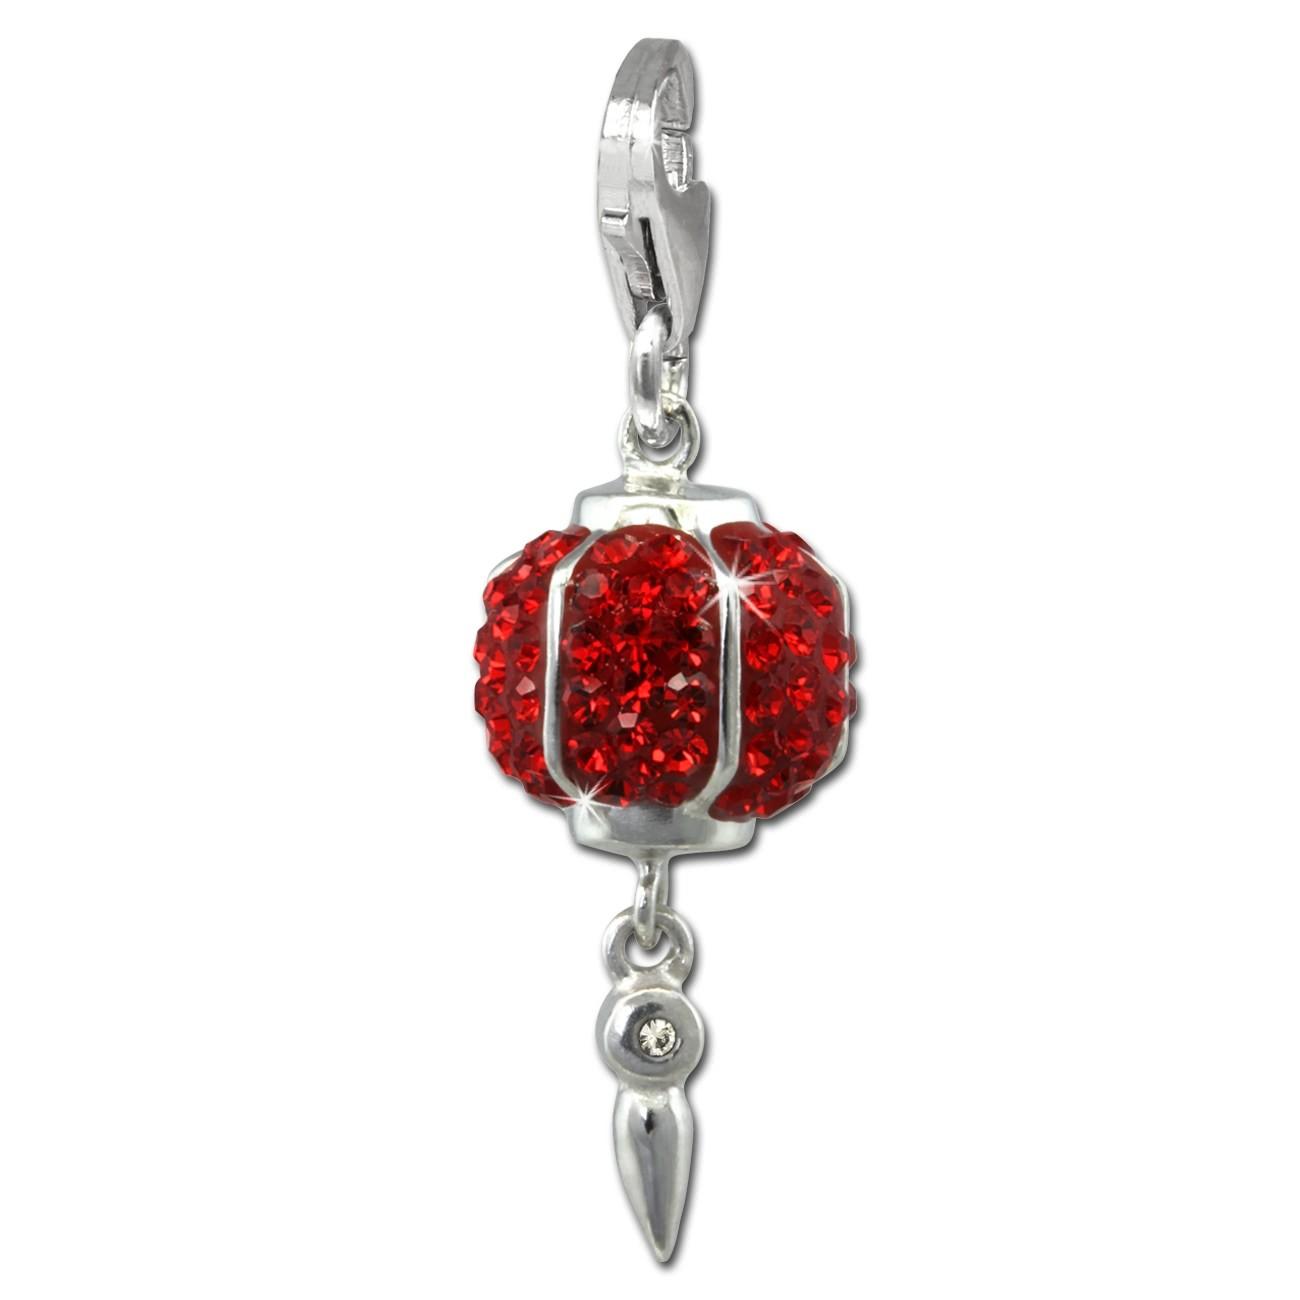 SilberDream Glitzer Charm Chinesischer Lampion Zirkonia Kristalle GSC568R